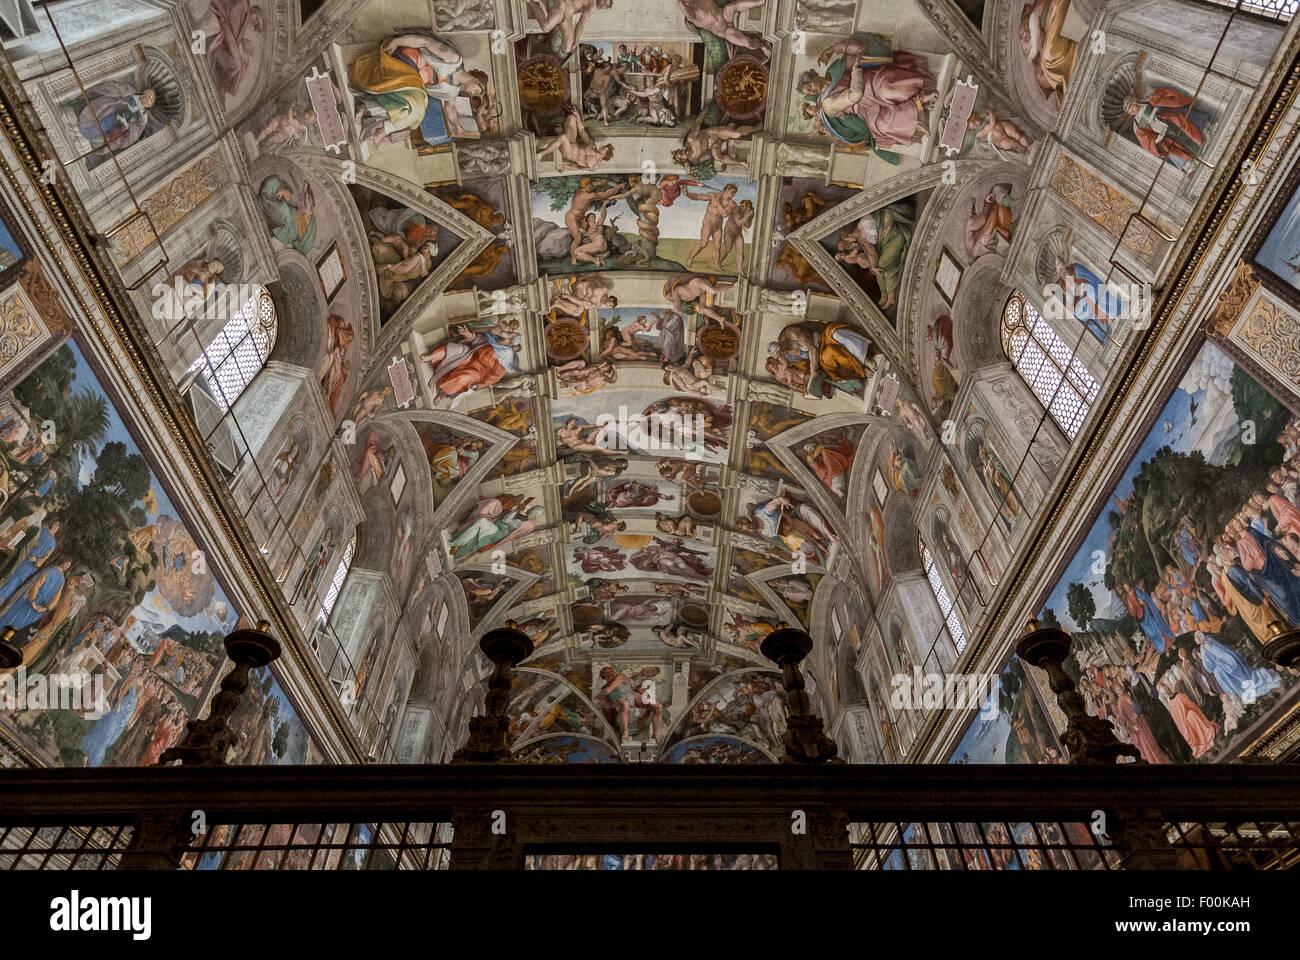 El techo de la Capilla Sixtina, pintada por Miguel Ángel. Los Museos del Vaticano, Ciudad del Vaticano, Roma, Italia Foto de stock